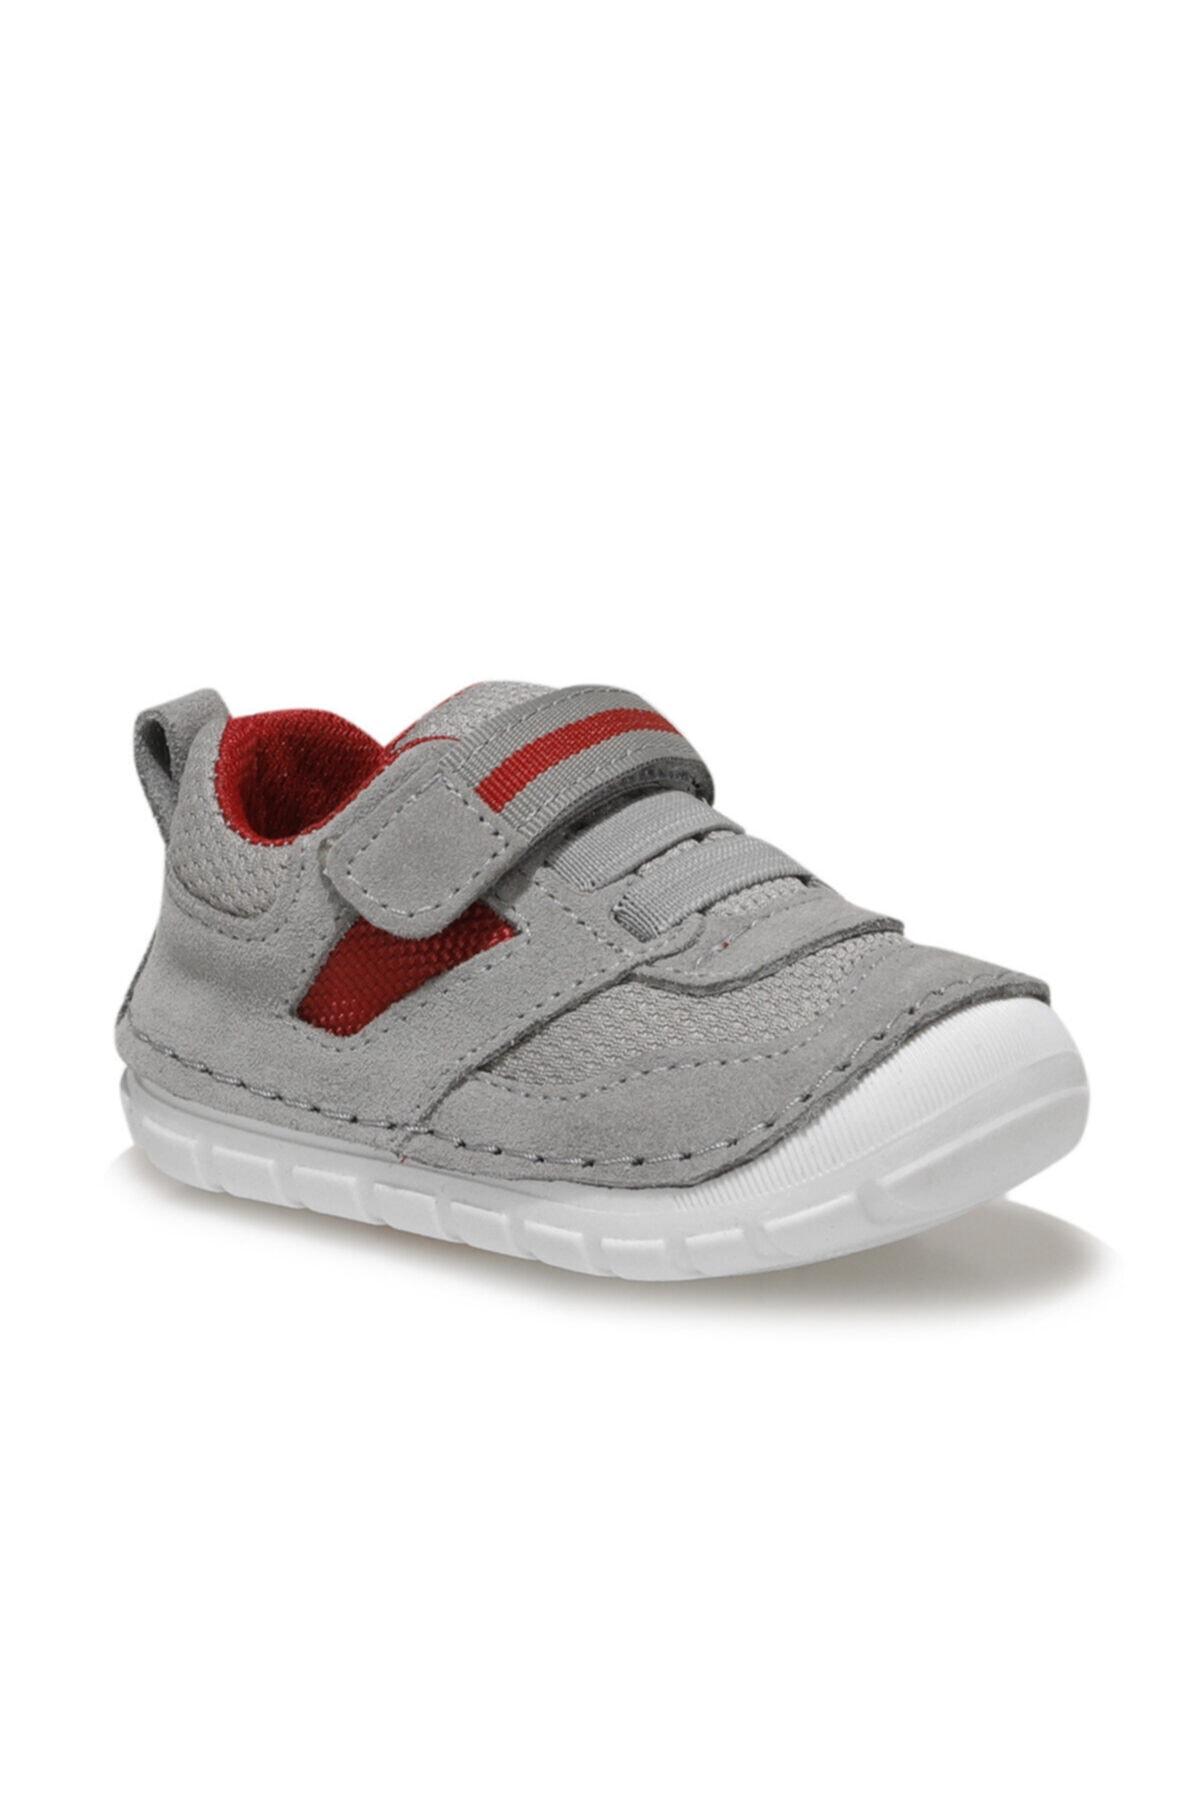 515111.I1FX Gri Erkek Çocuk Günlük Ayakkabı 100937020